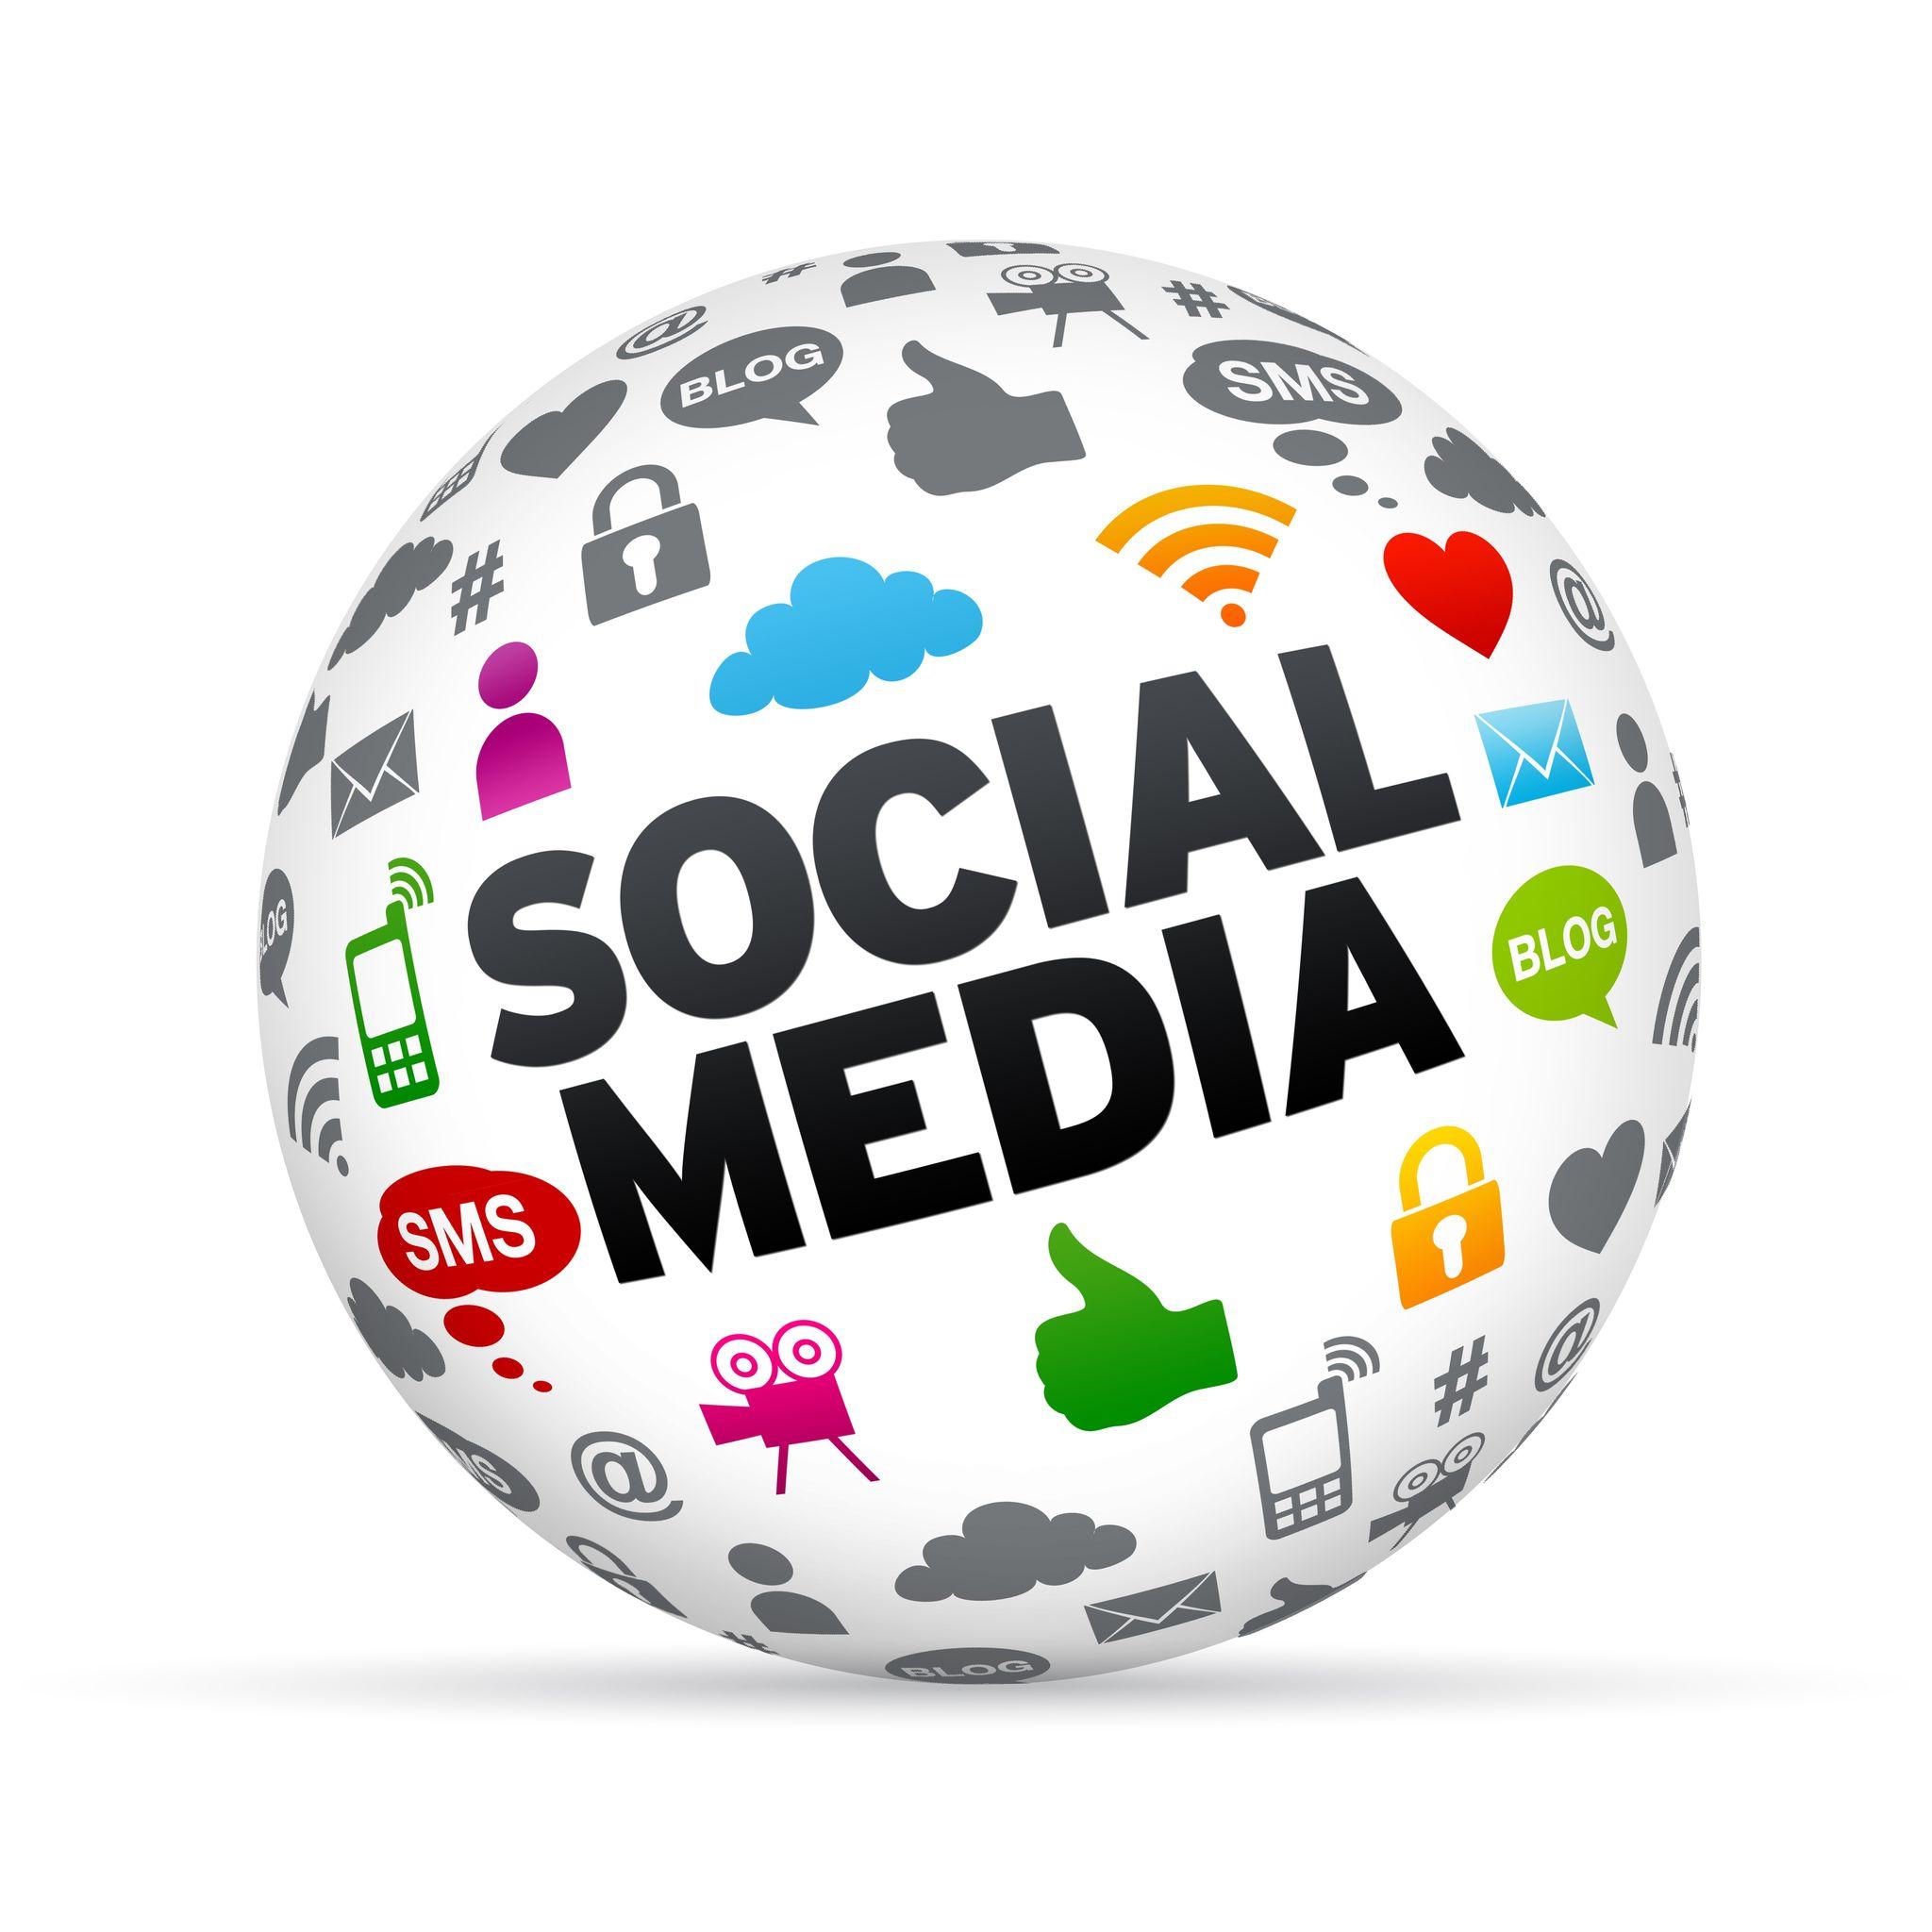 11 modi efficaci per utilizzare i social media per promuovere i tuoi contenuti